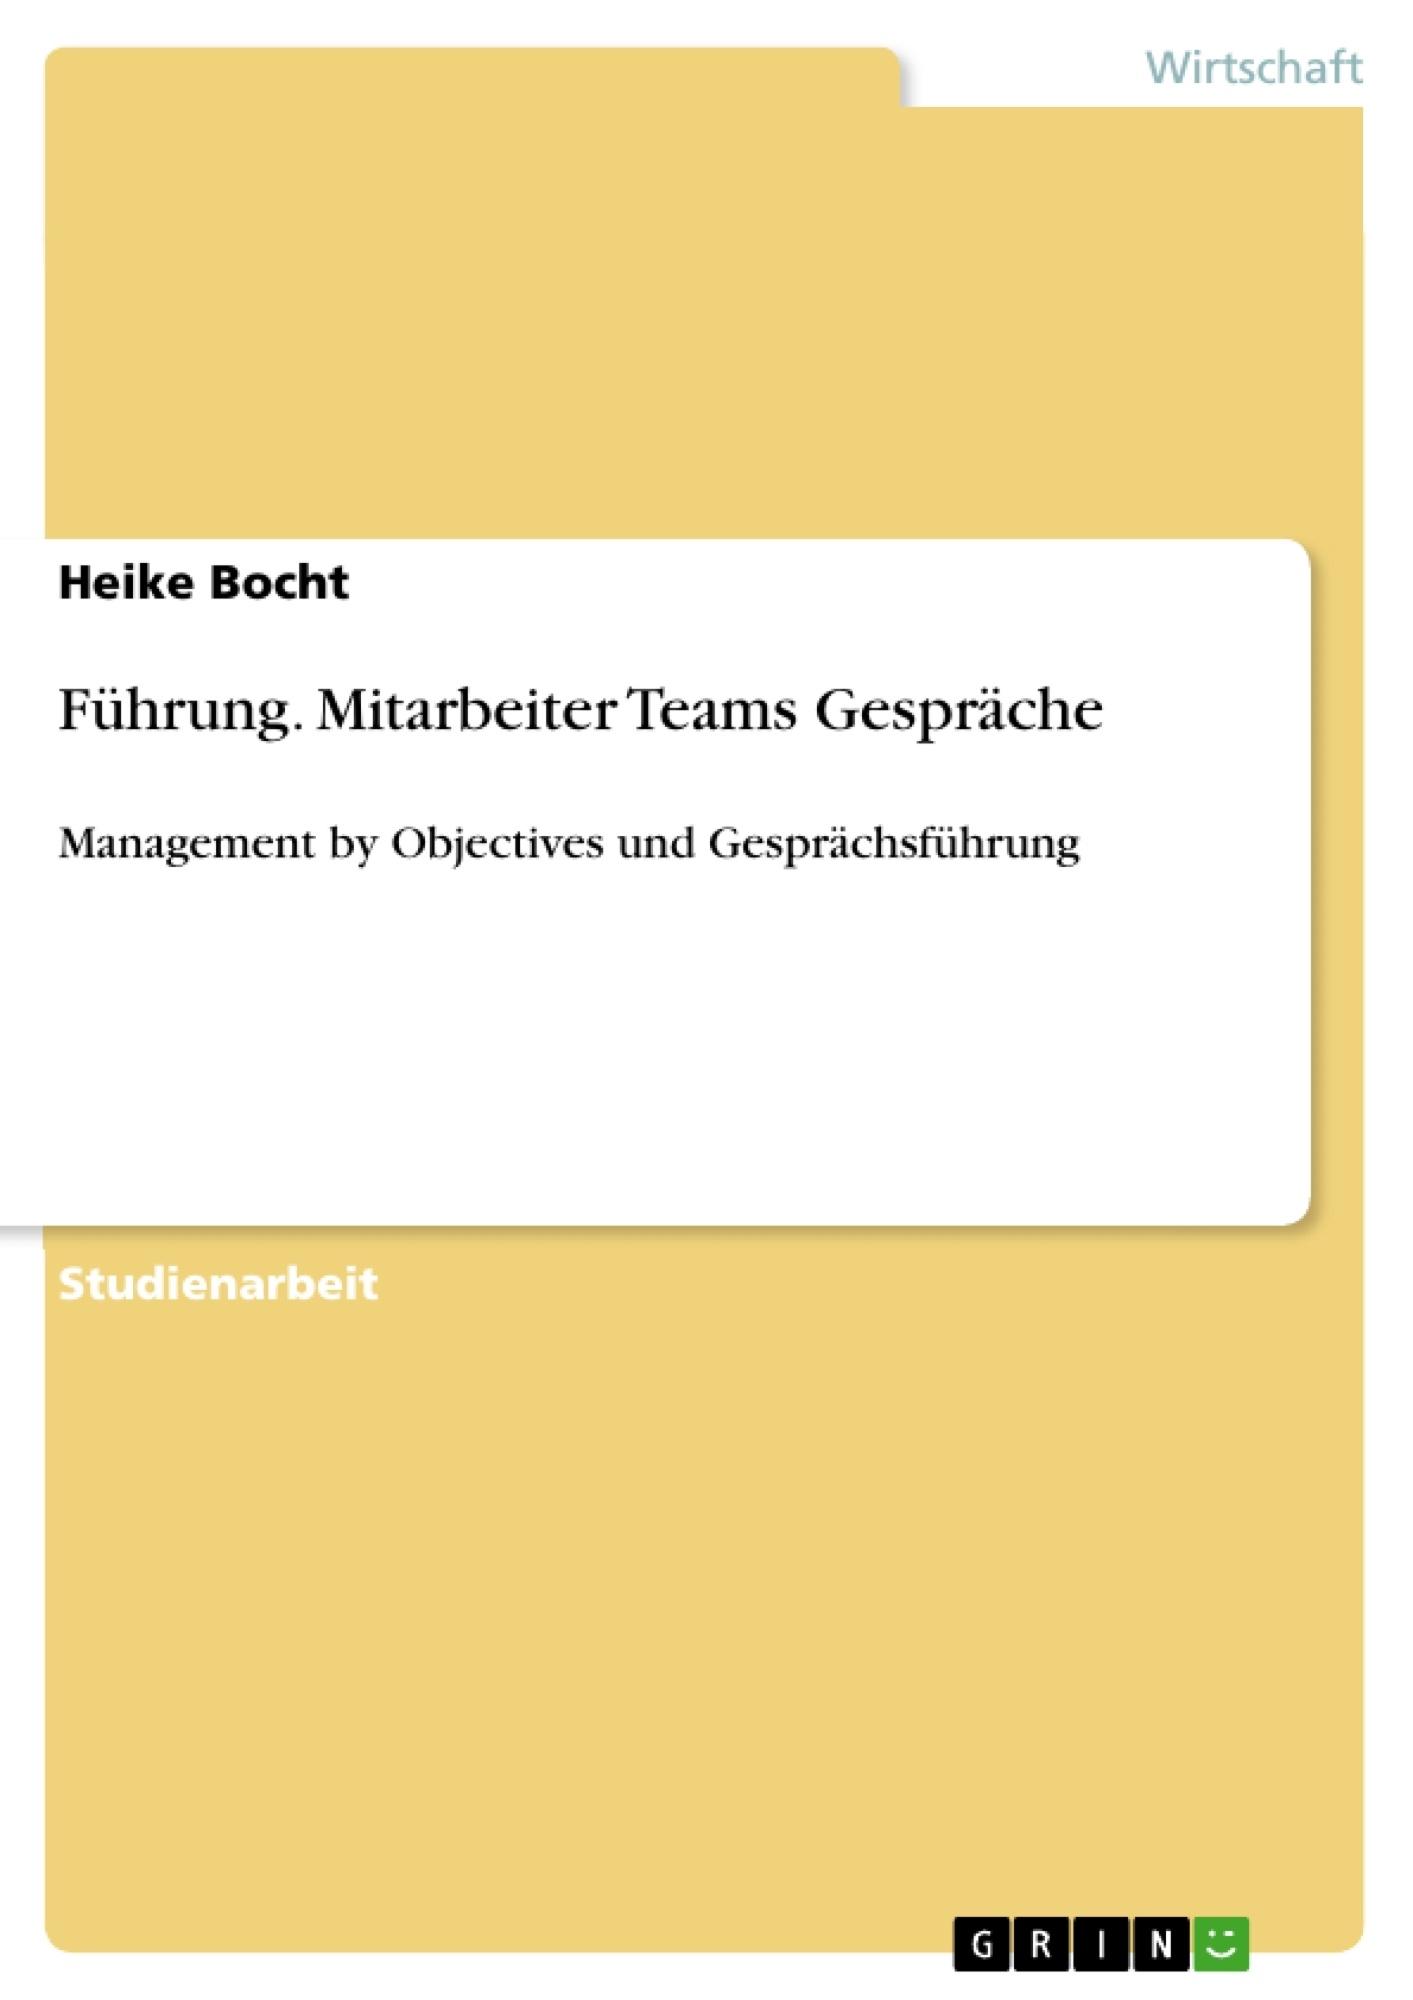 Titel: Führung. Mitarbeiter Teams Gespräche